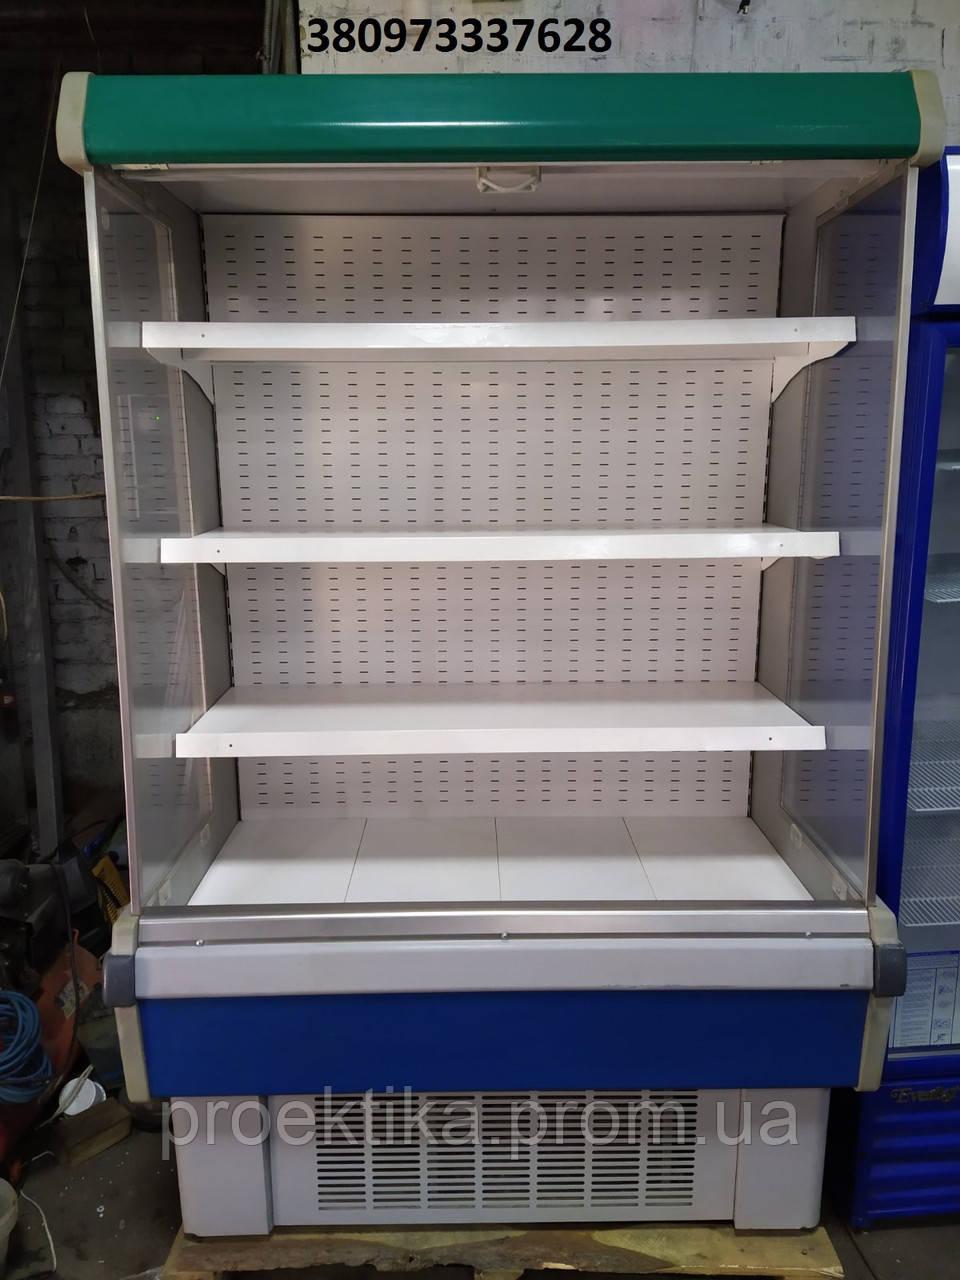 Регал Холодильный Бу, горка холодильная 1,3м бу, стеллаж холодильный